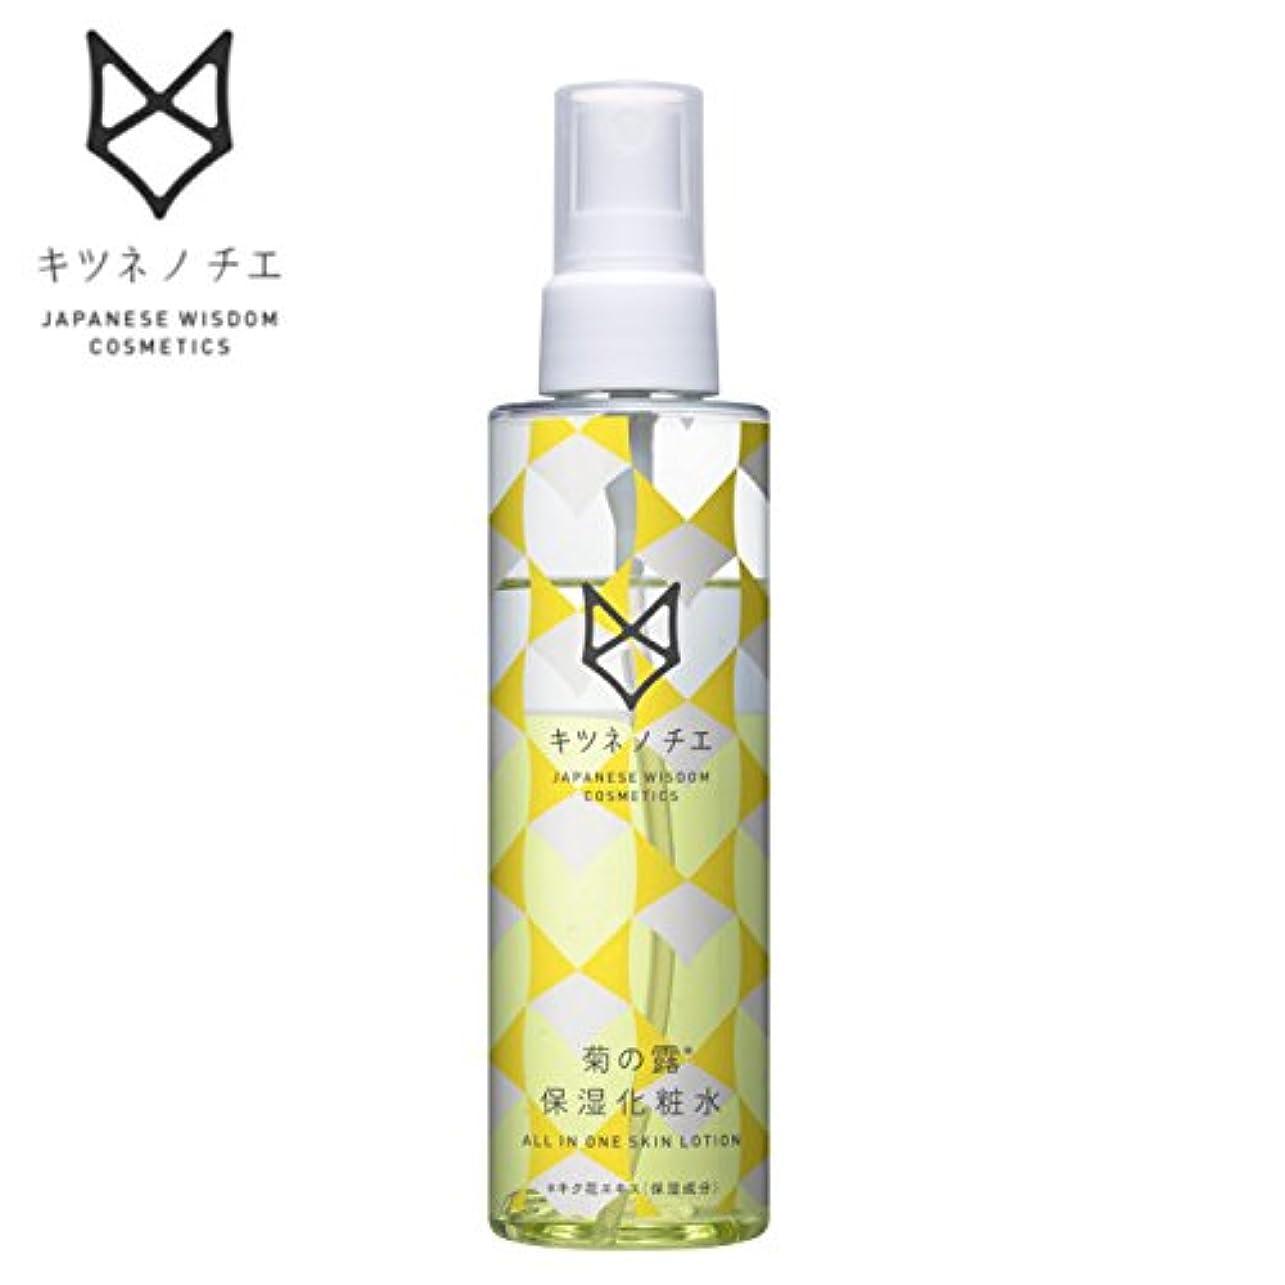 シロクマクローン整然としたキツネノチエ 菊の露 保湿化粧水